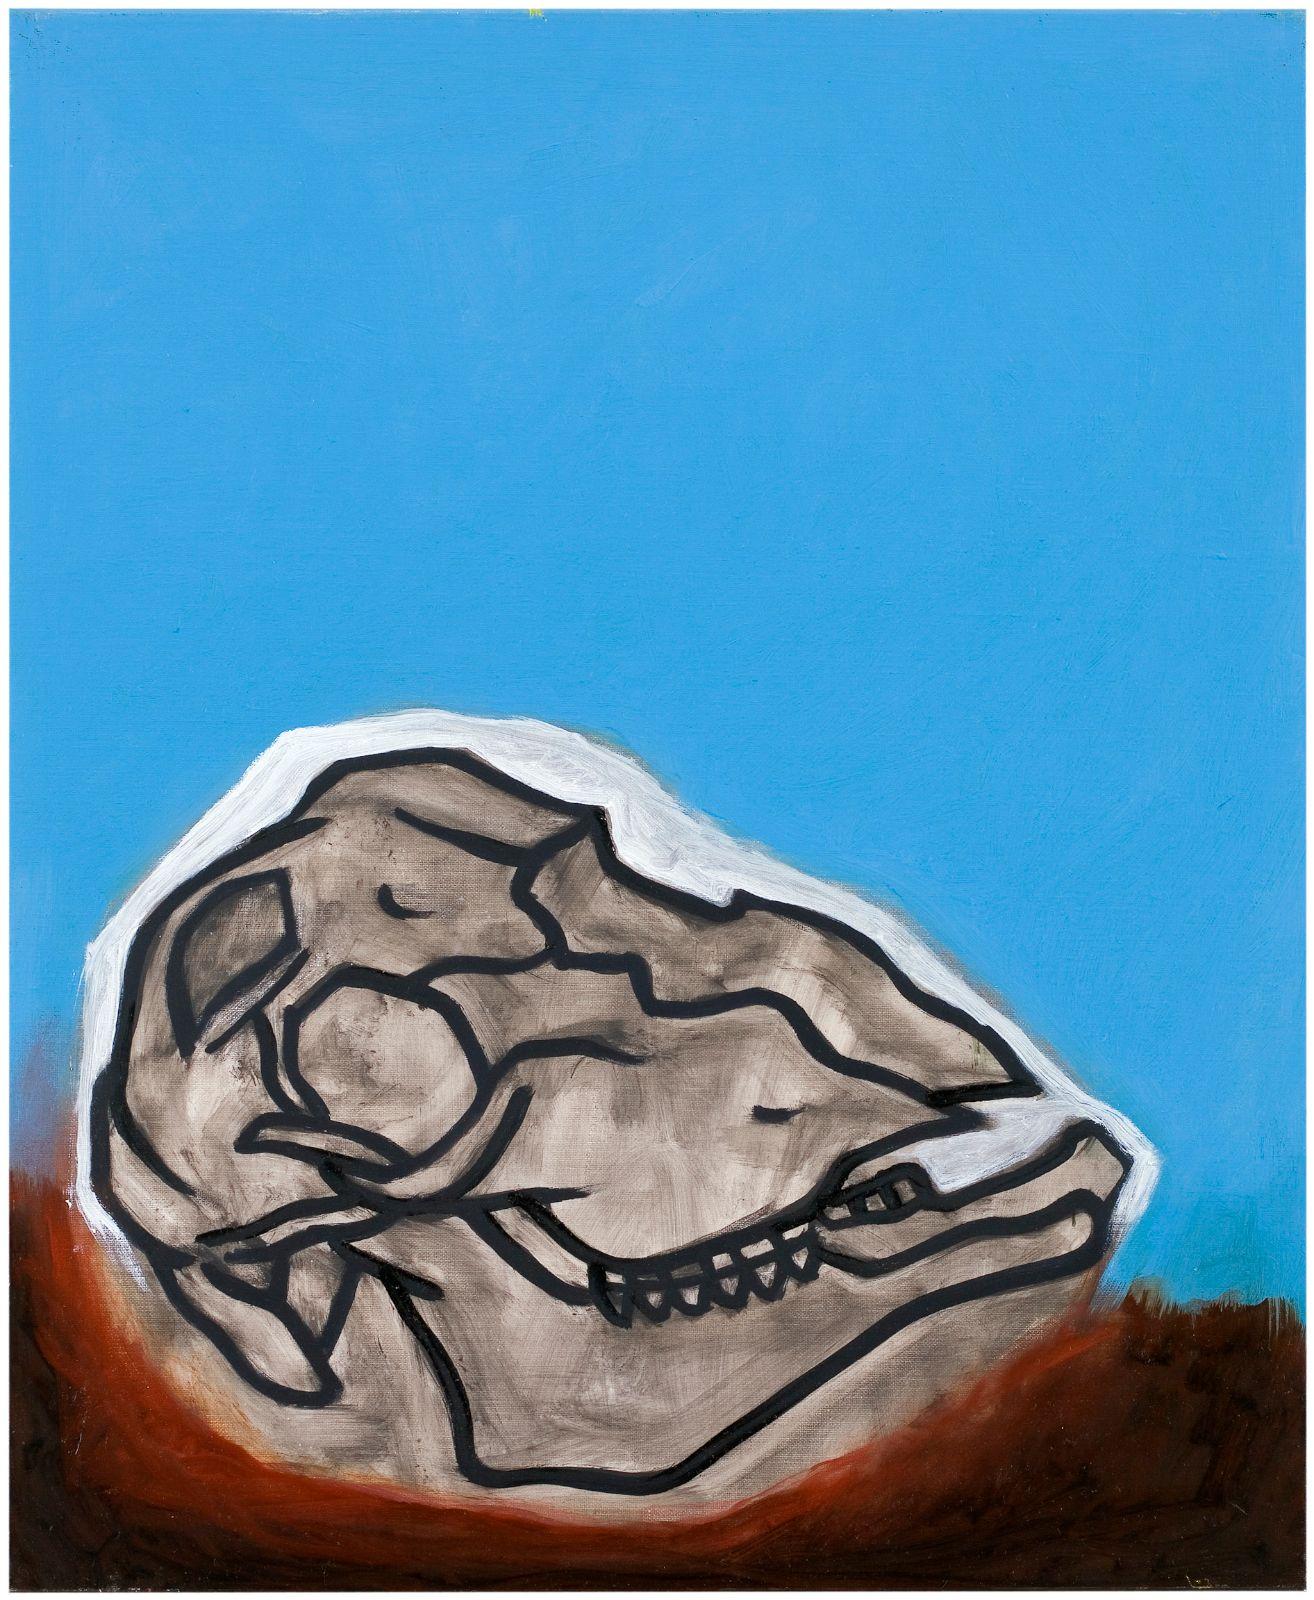 Fårskalle, 2008, oil on canvas, 73 x 60 cm